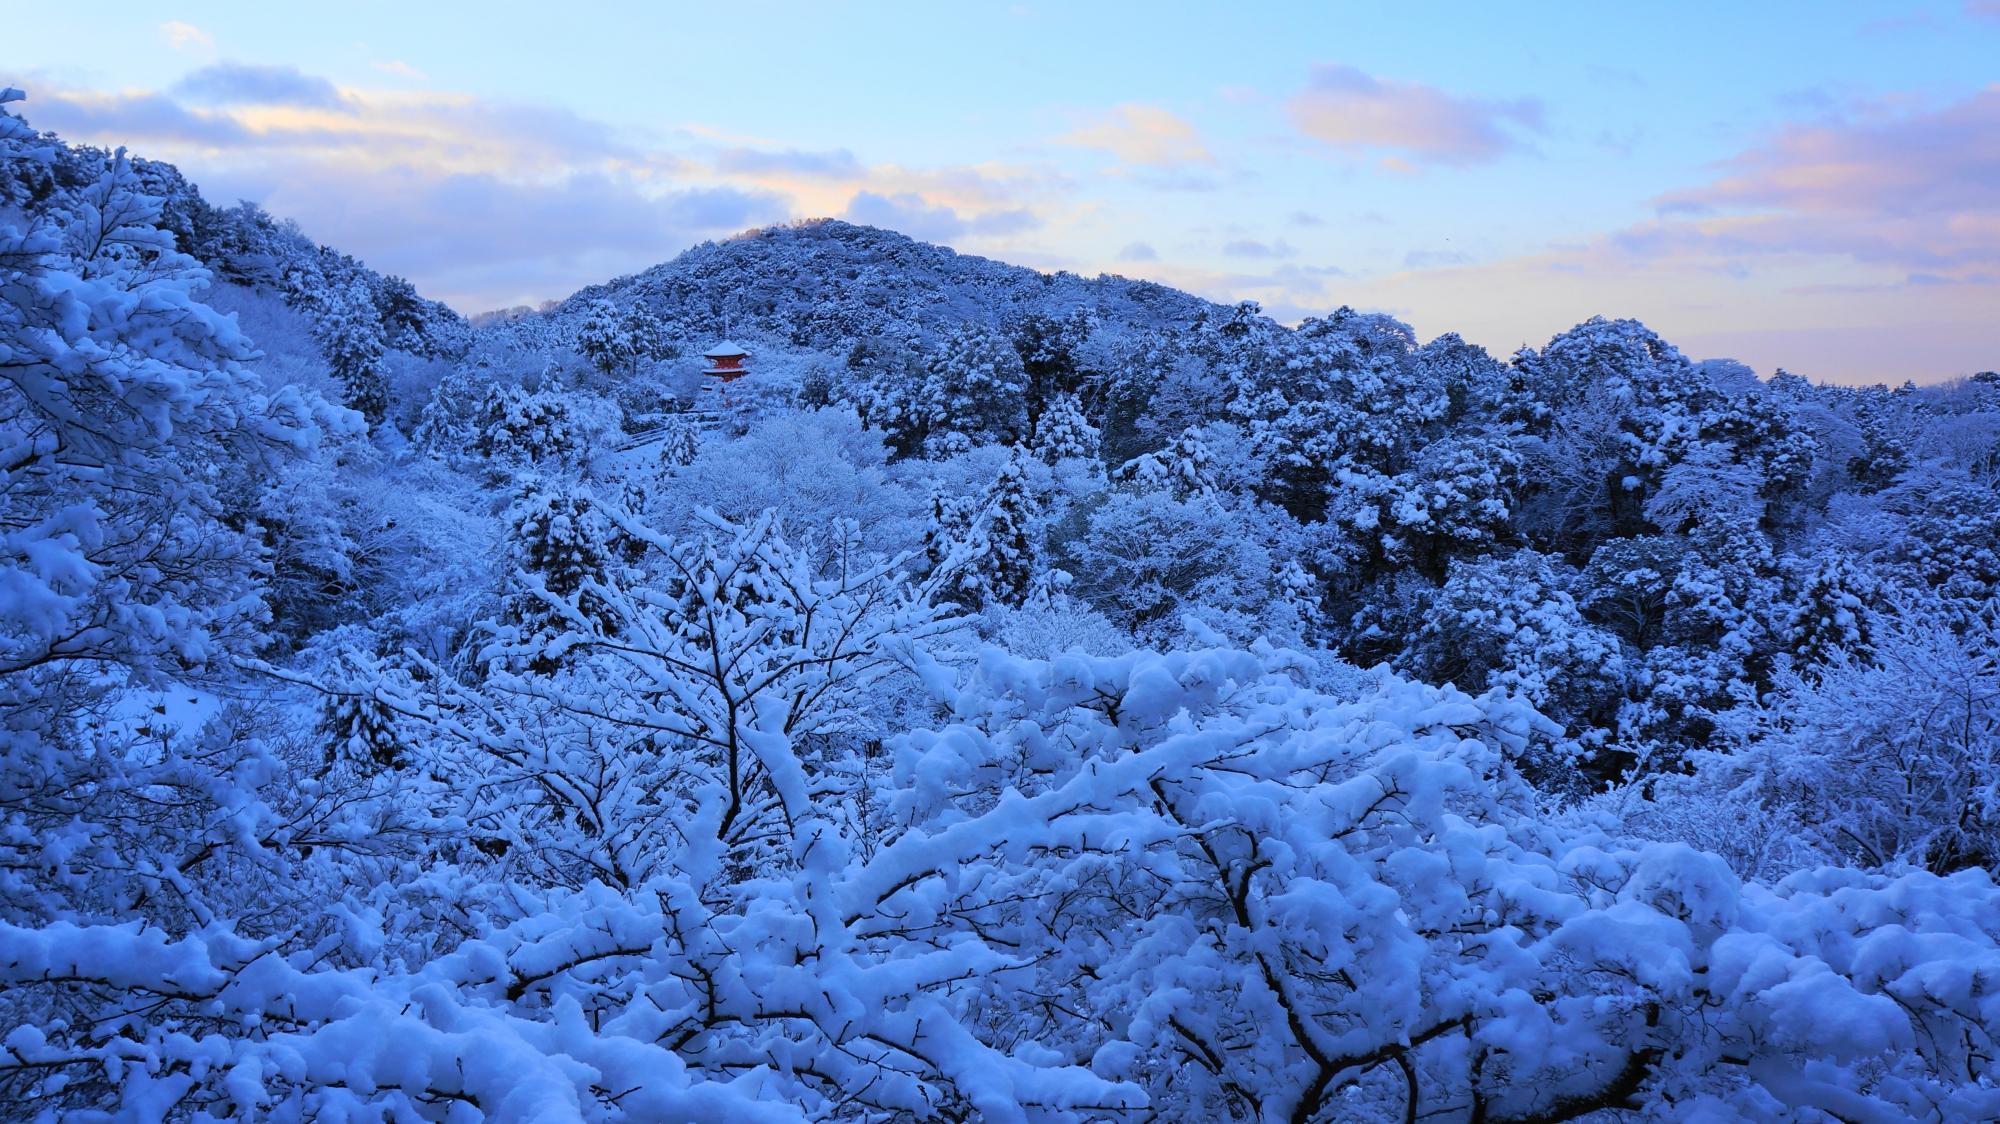 清水寺の舞台から眺める銀世界の山々や木々